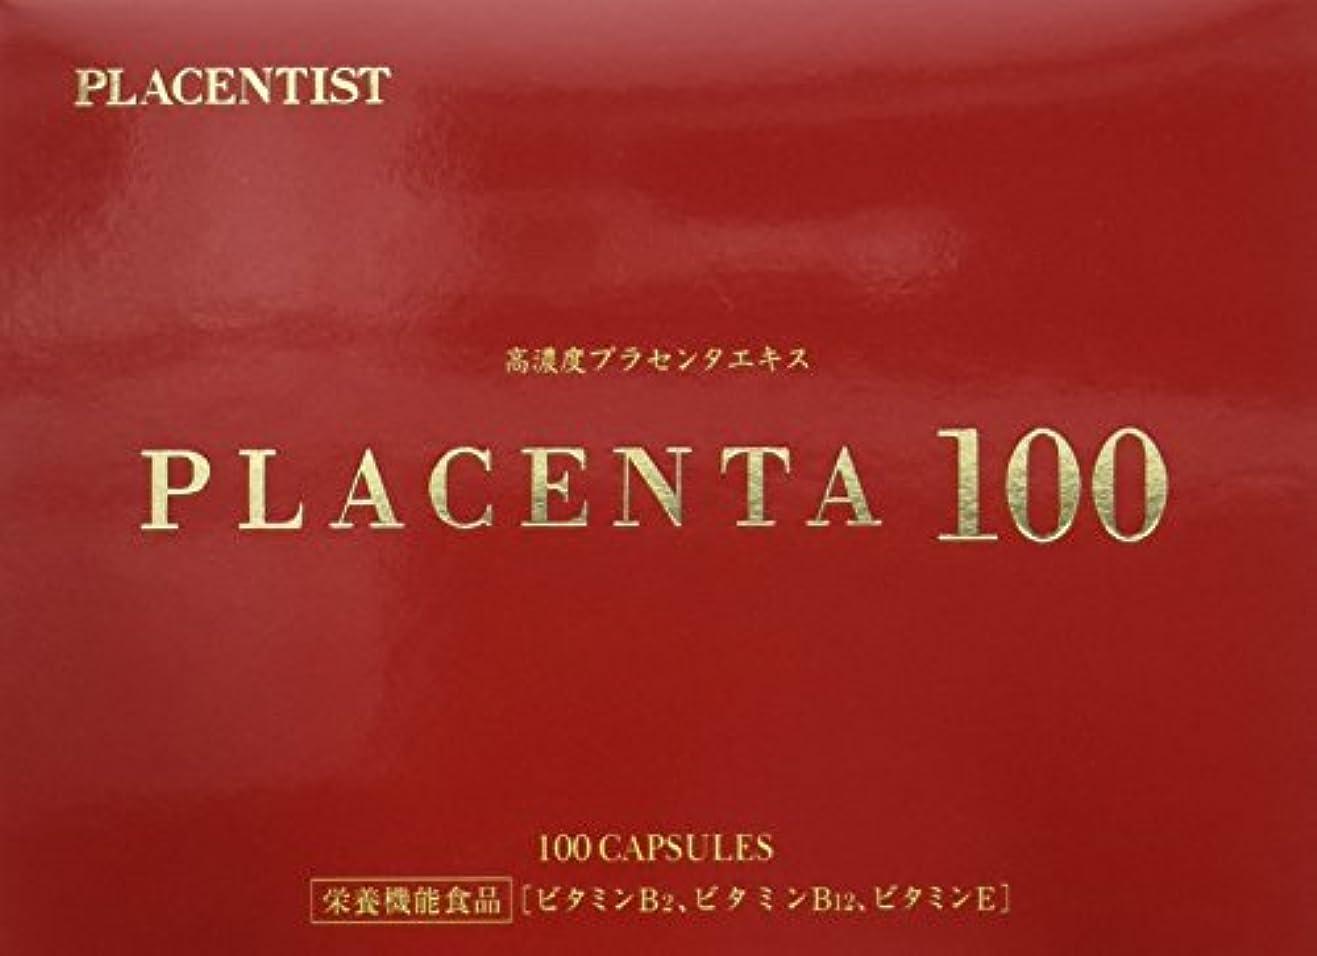 最初に最初にマーティンルーサーキングジュニアプラセンタ100 レギュラーサイズ 100粒